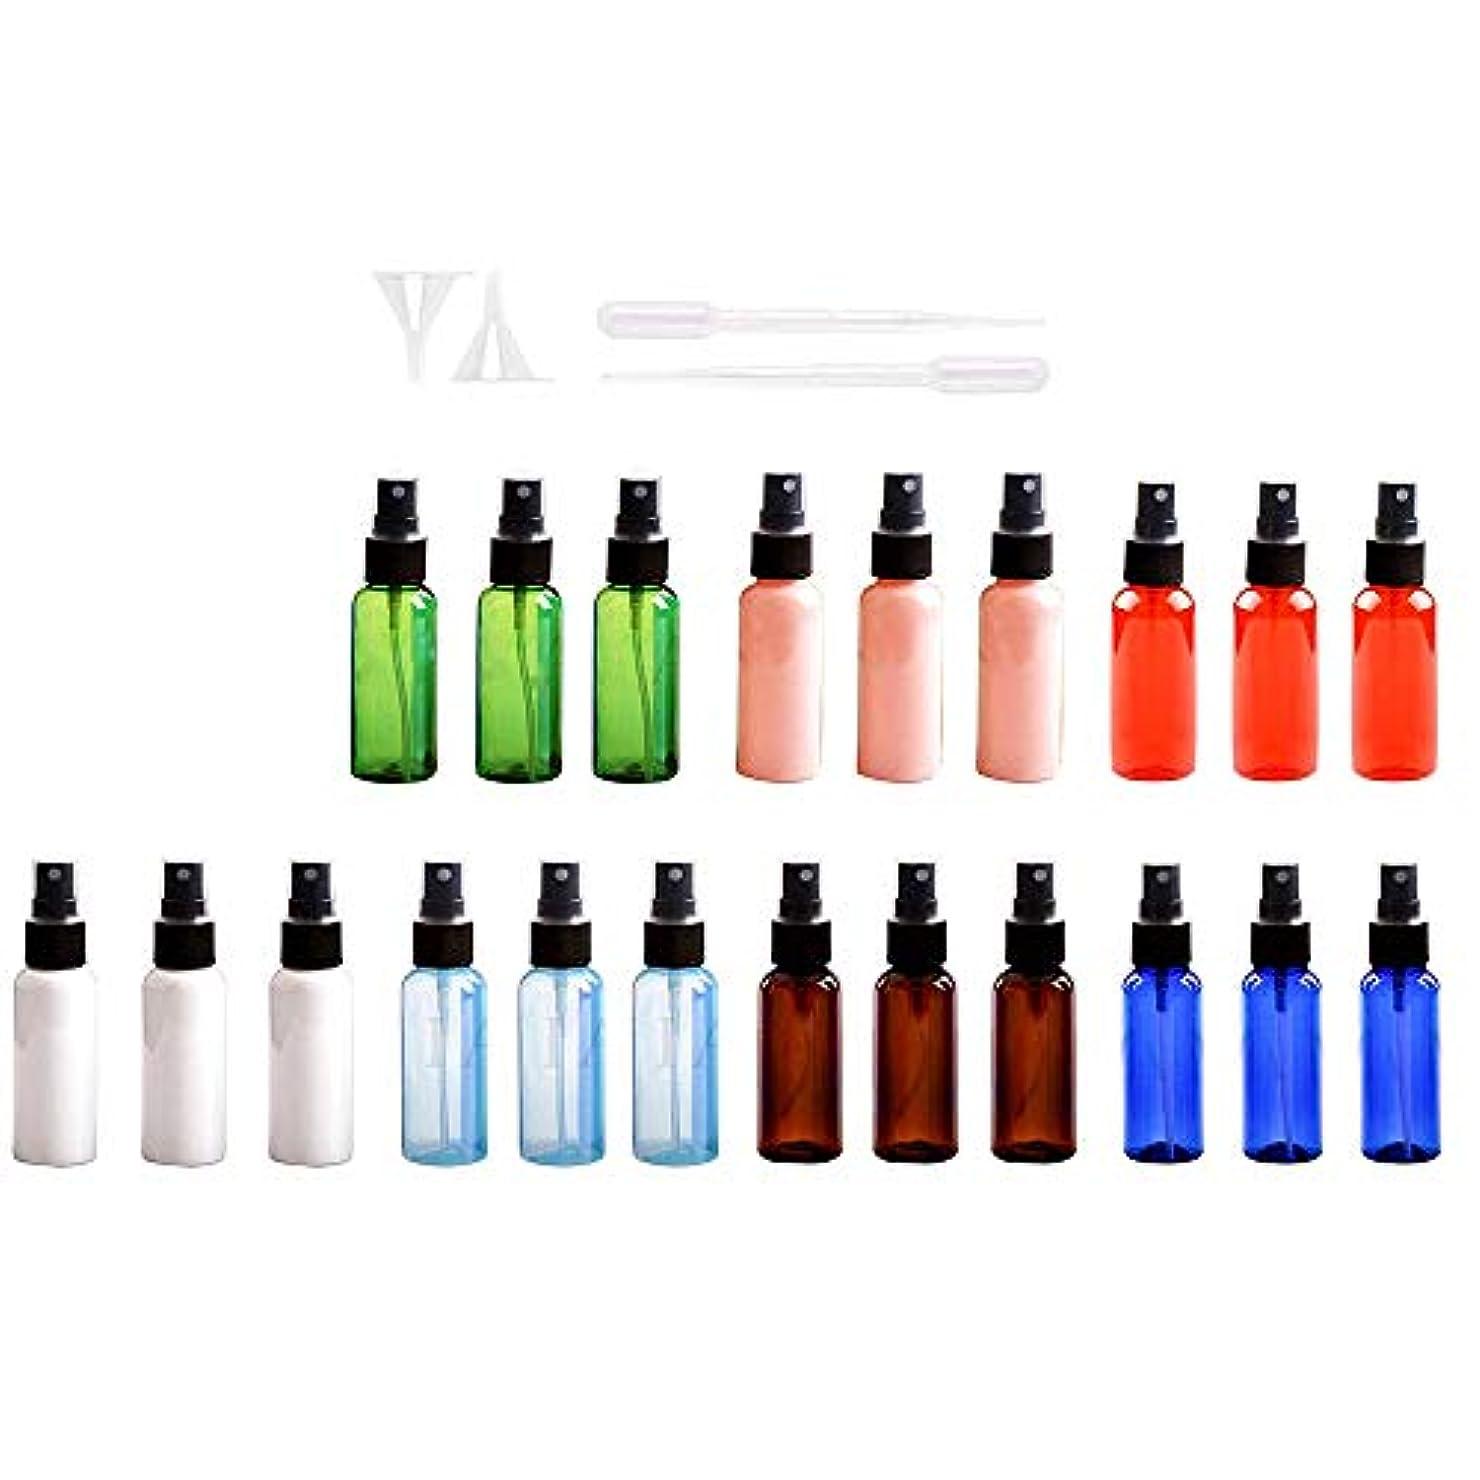 パズル超える錫スプレーボトル 21本セット 詰替ボトル 遮光 空容器 霧吹き30ML 遮光瓶スプレーキャップ付 プラスチック製